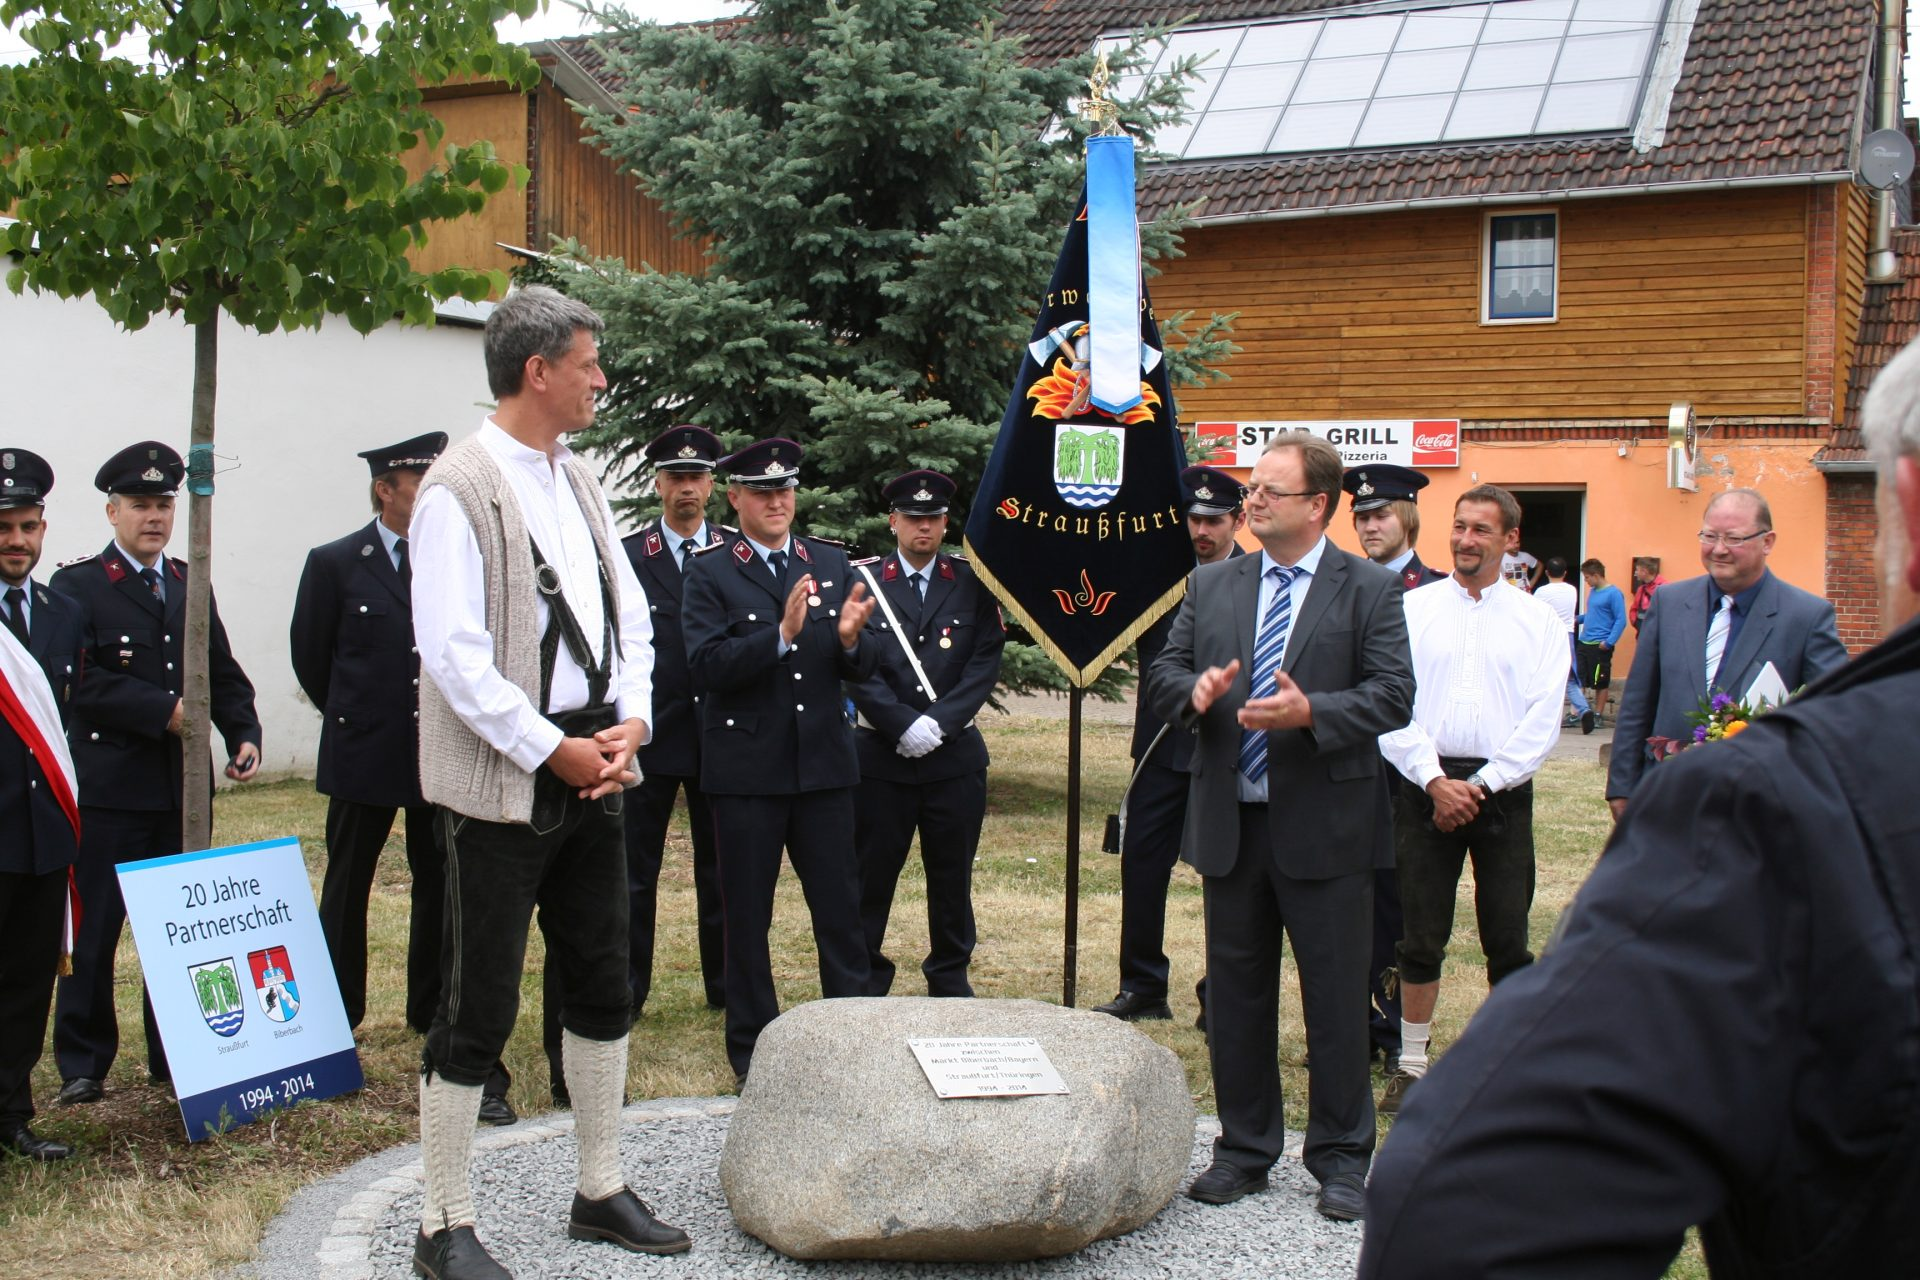 Jubiläum in Straußfurt mit den Bürgermeistern